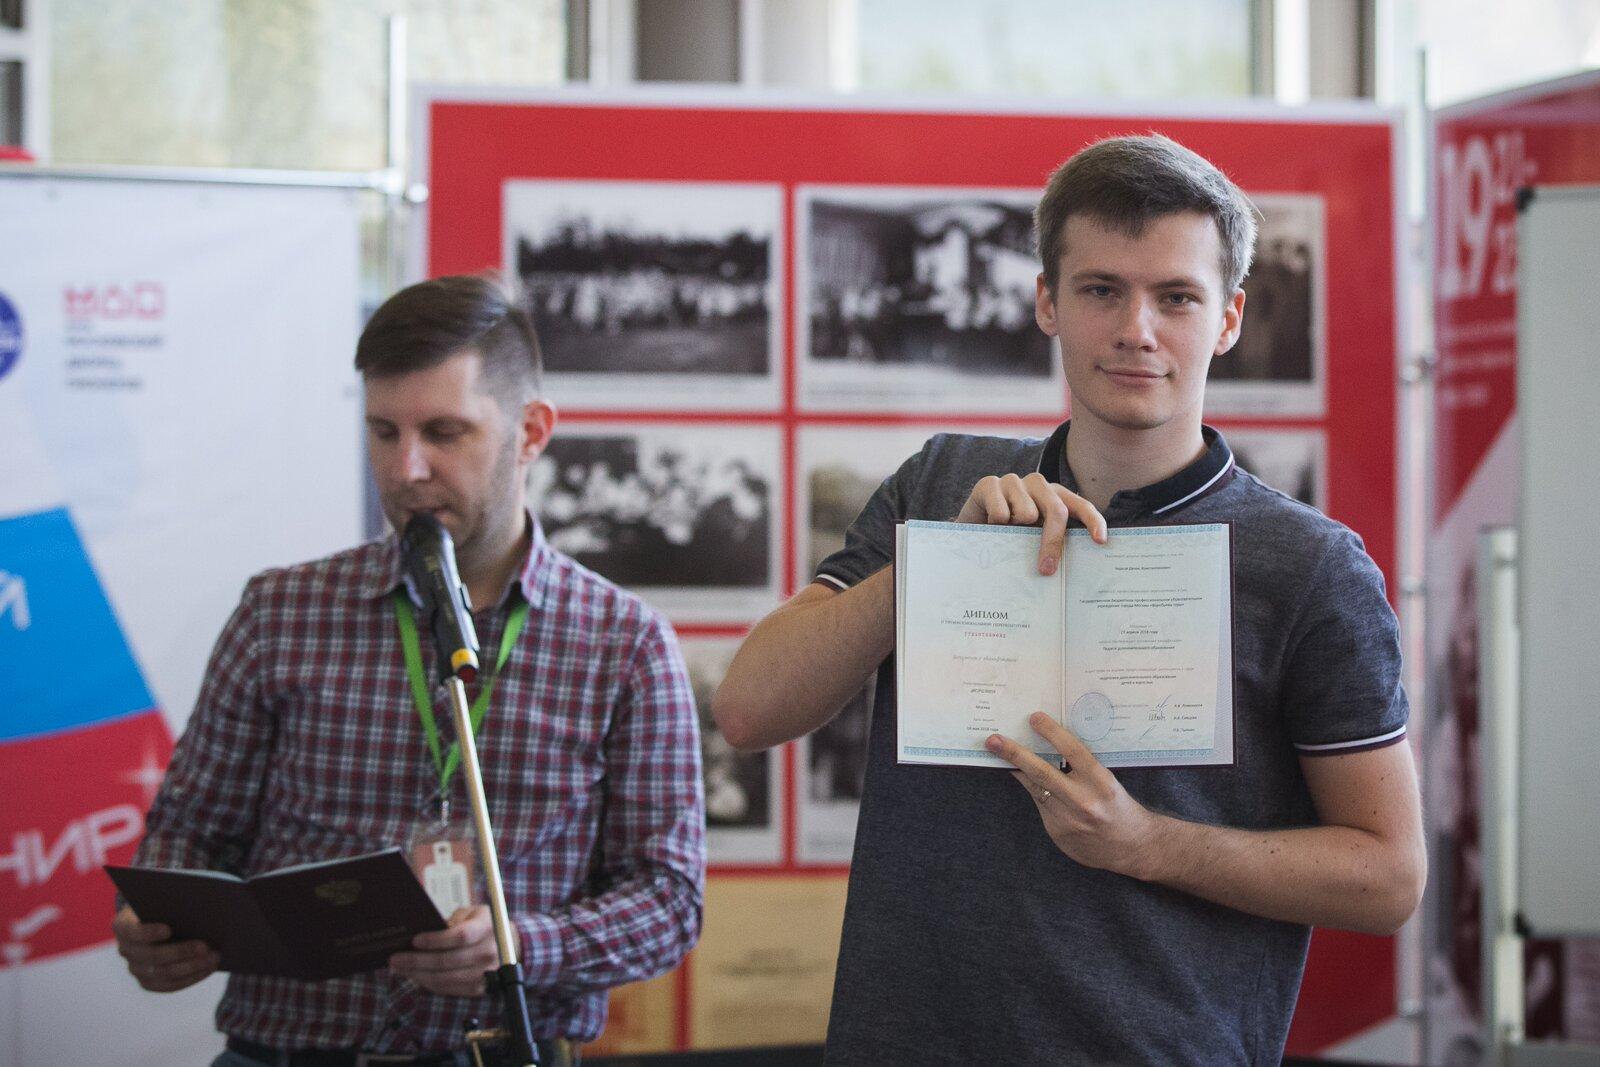 Педагоги Центра технического образования получили дипломы о профессиональной переподготовке, 1 июня 2018